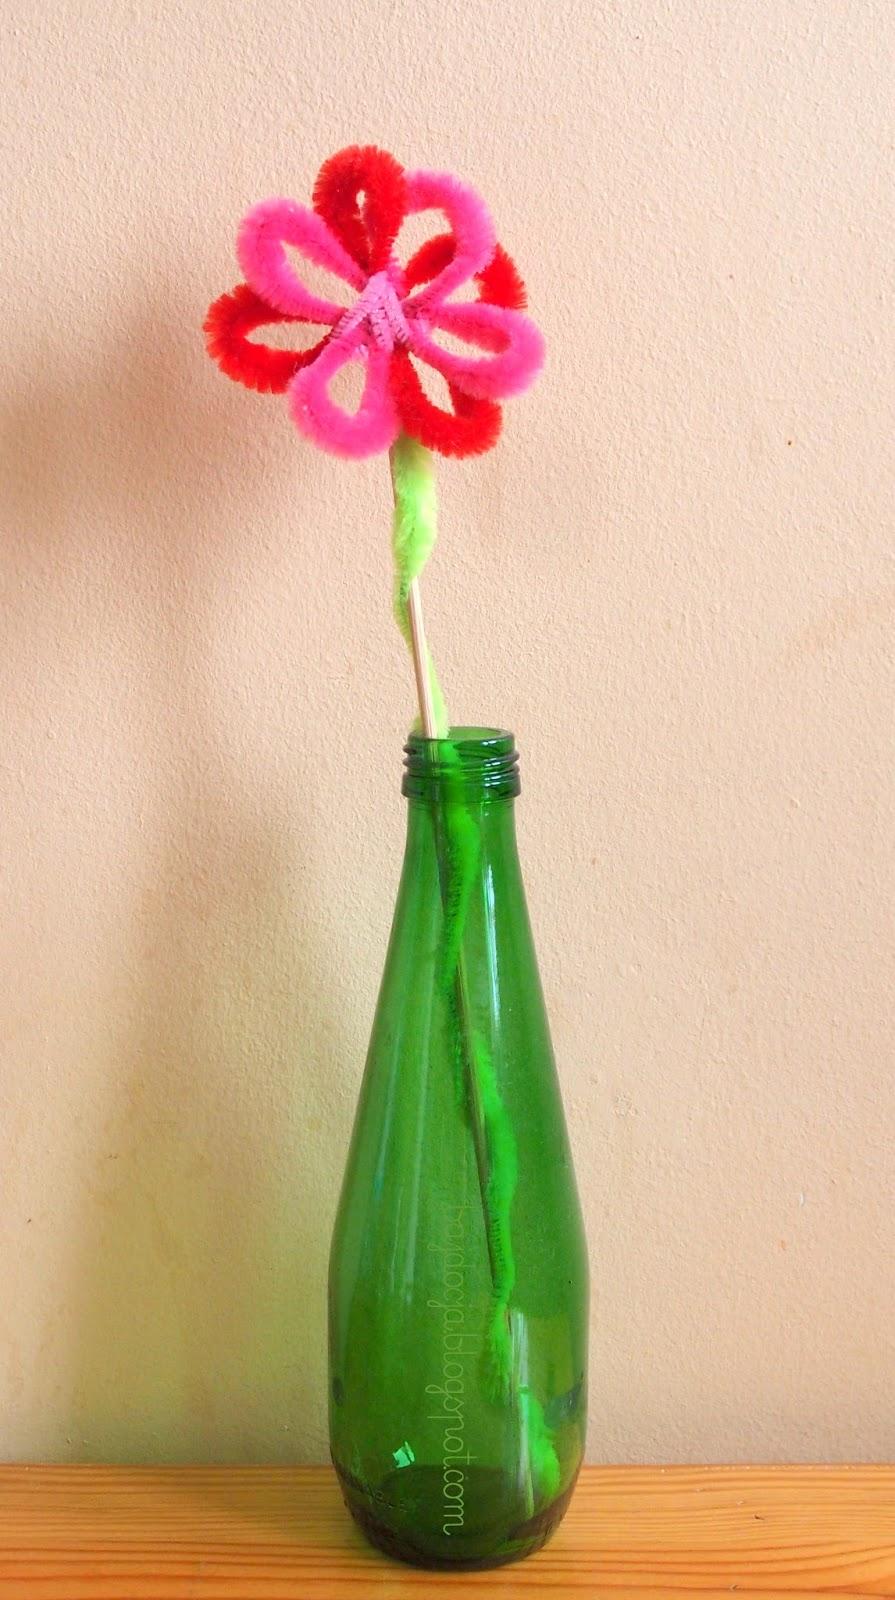 Bajdocja Kwiatek Z Drucikow Kreatywnych